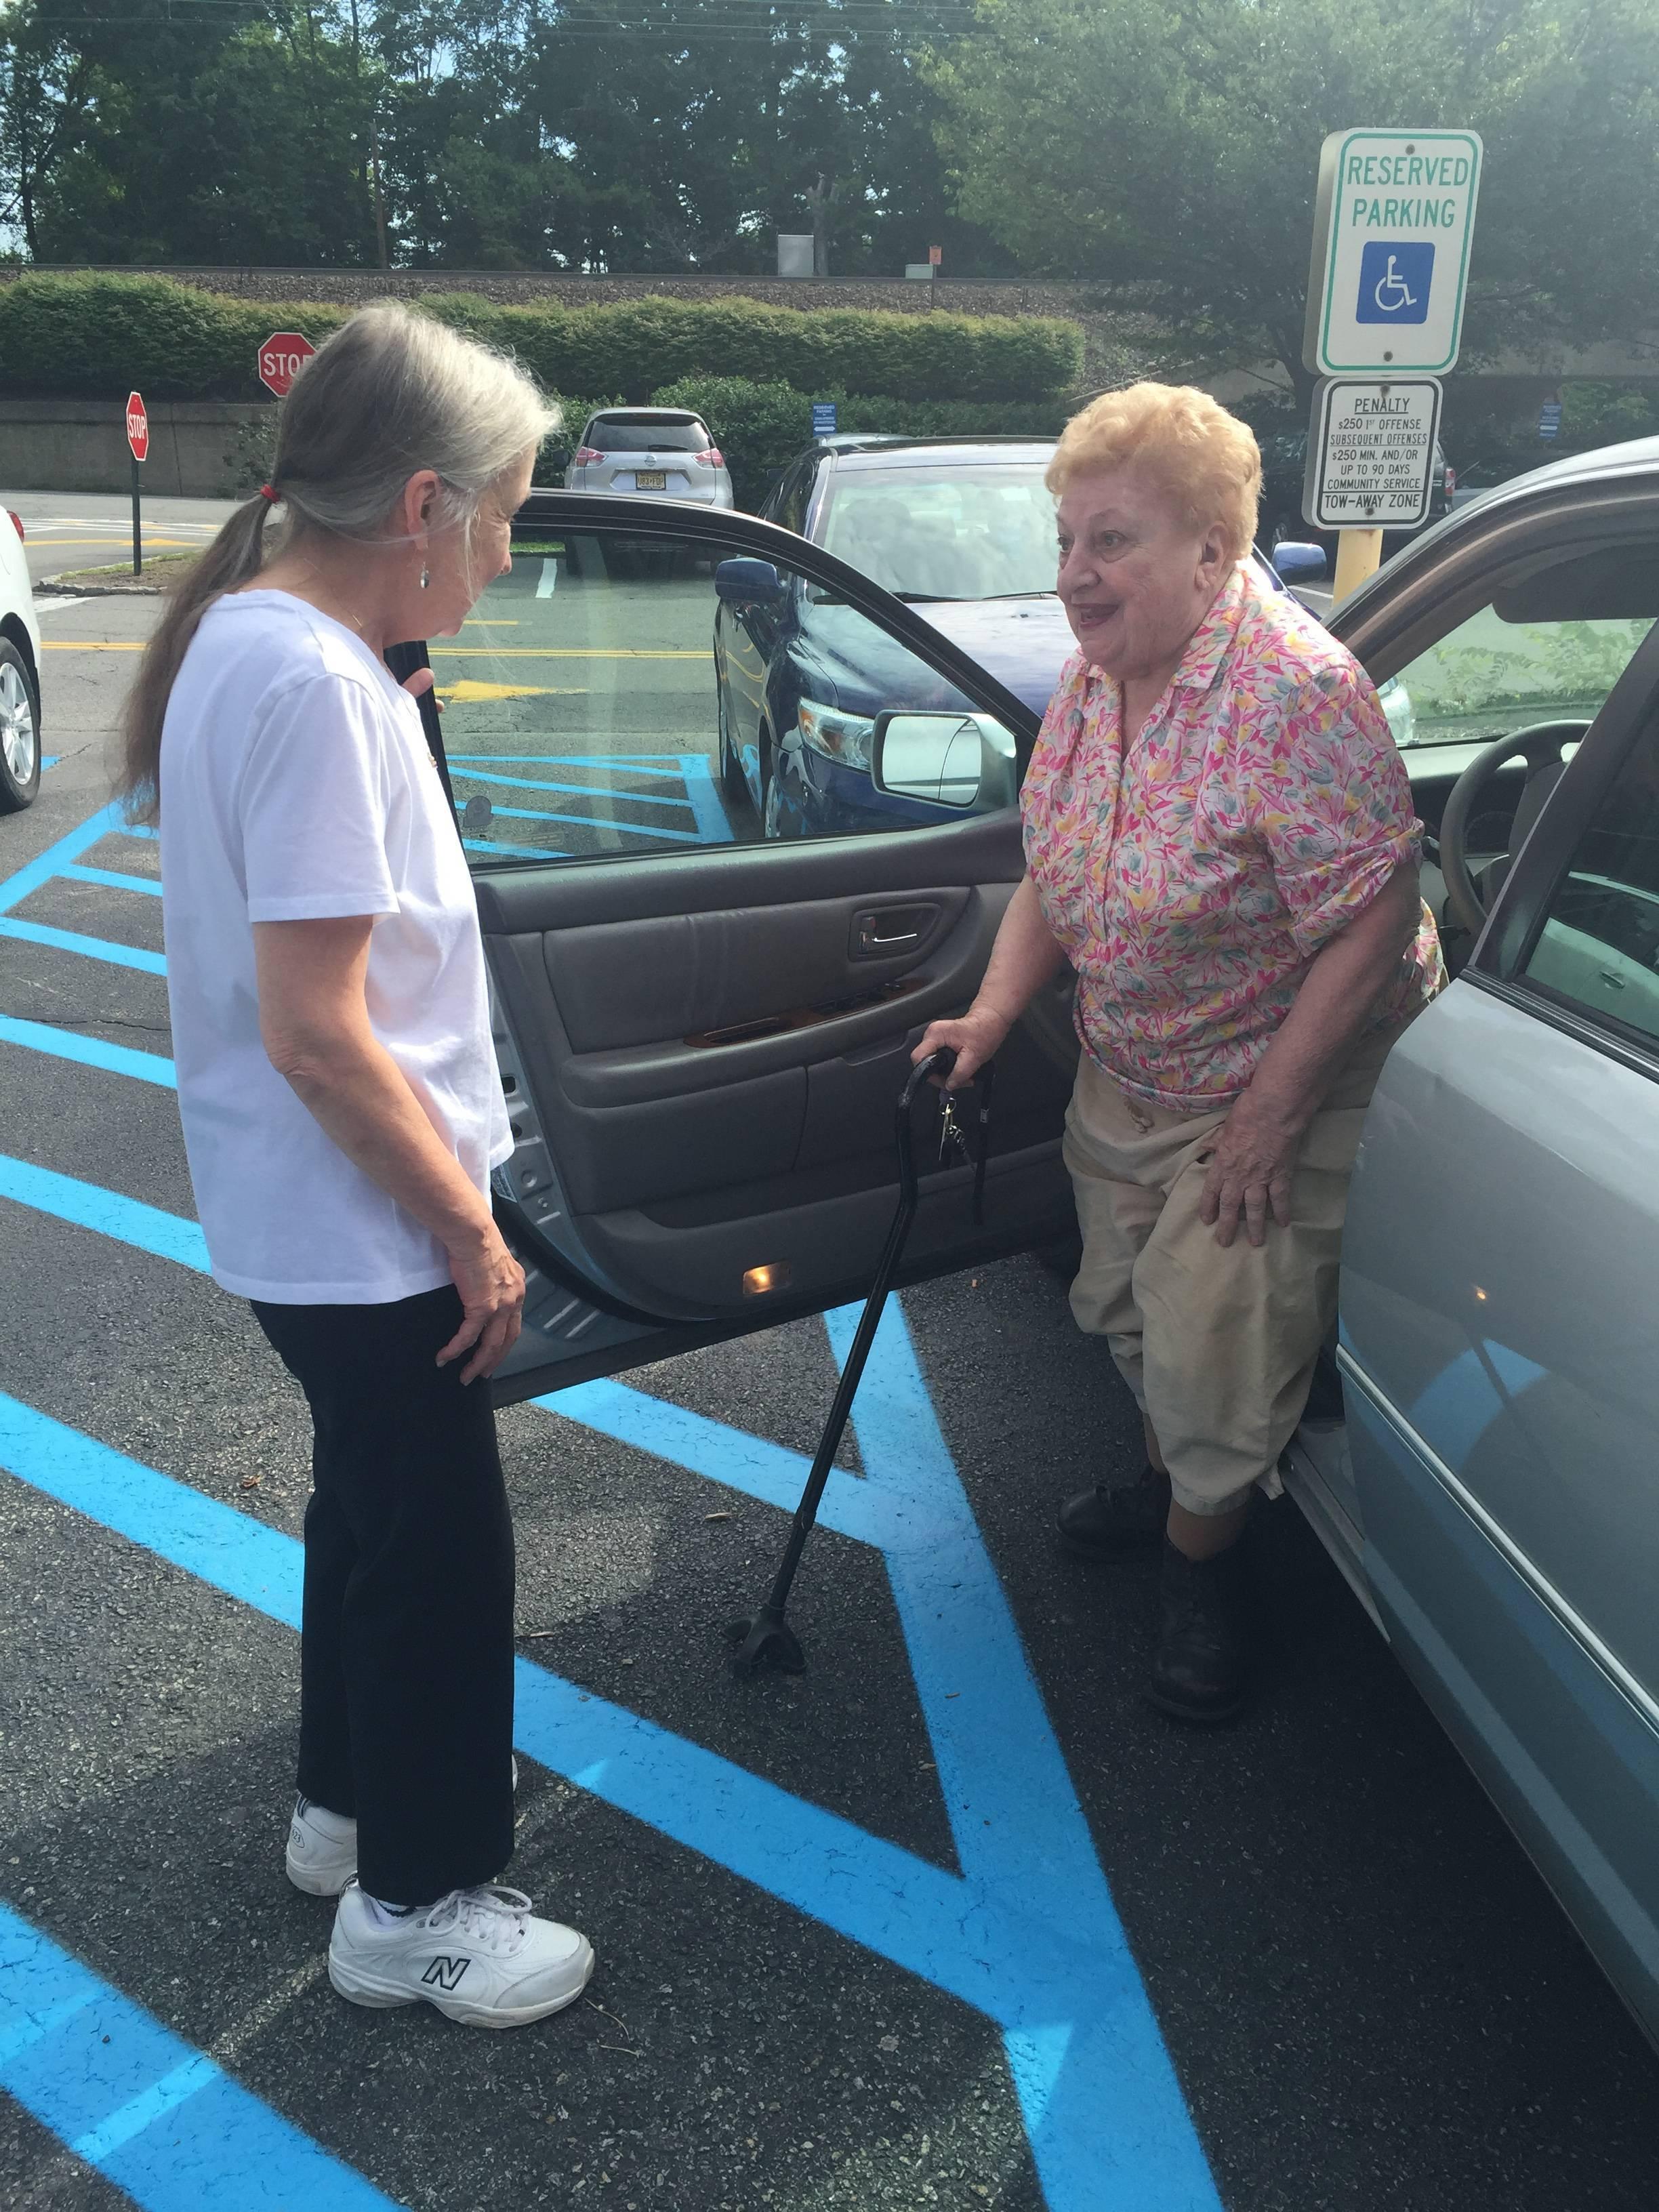 769ba81743c5bddaf3c7_Ann_and_Betty_getting_out_of_car.JPG